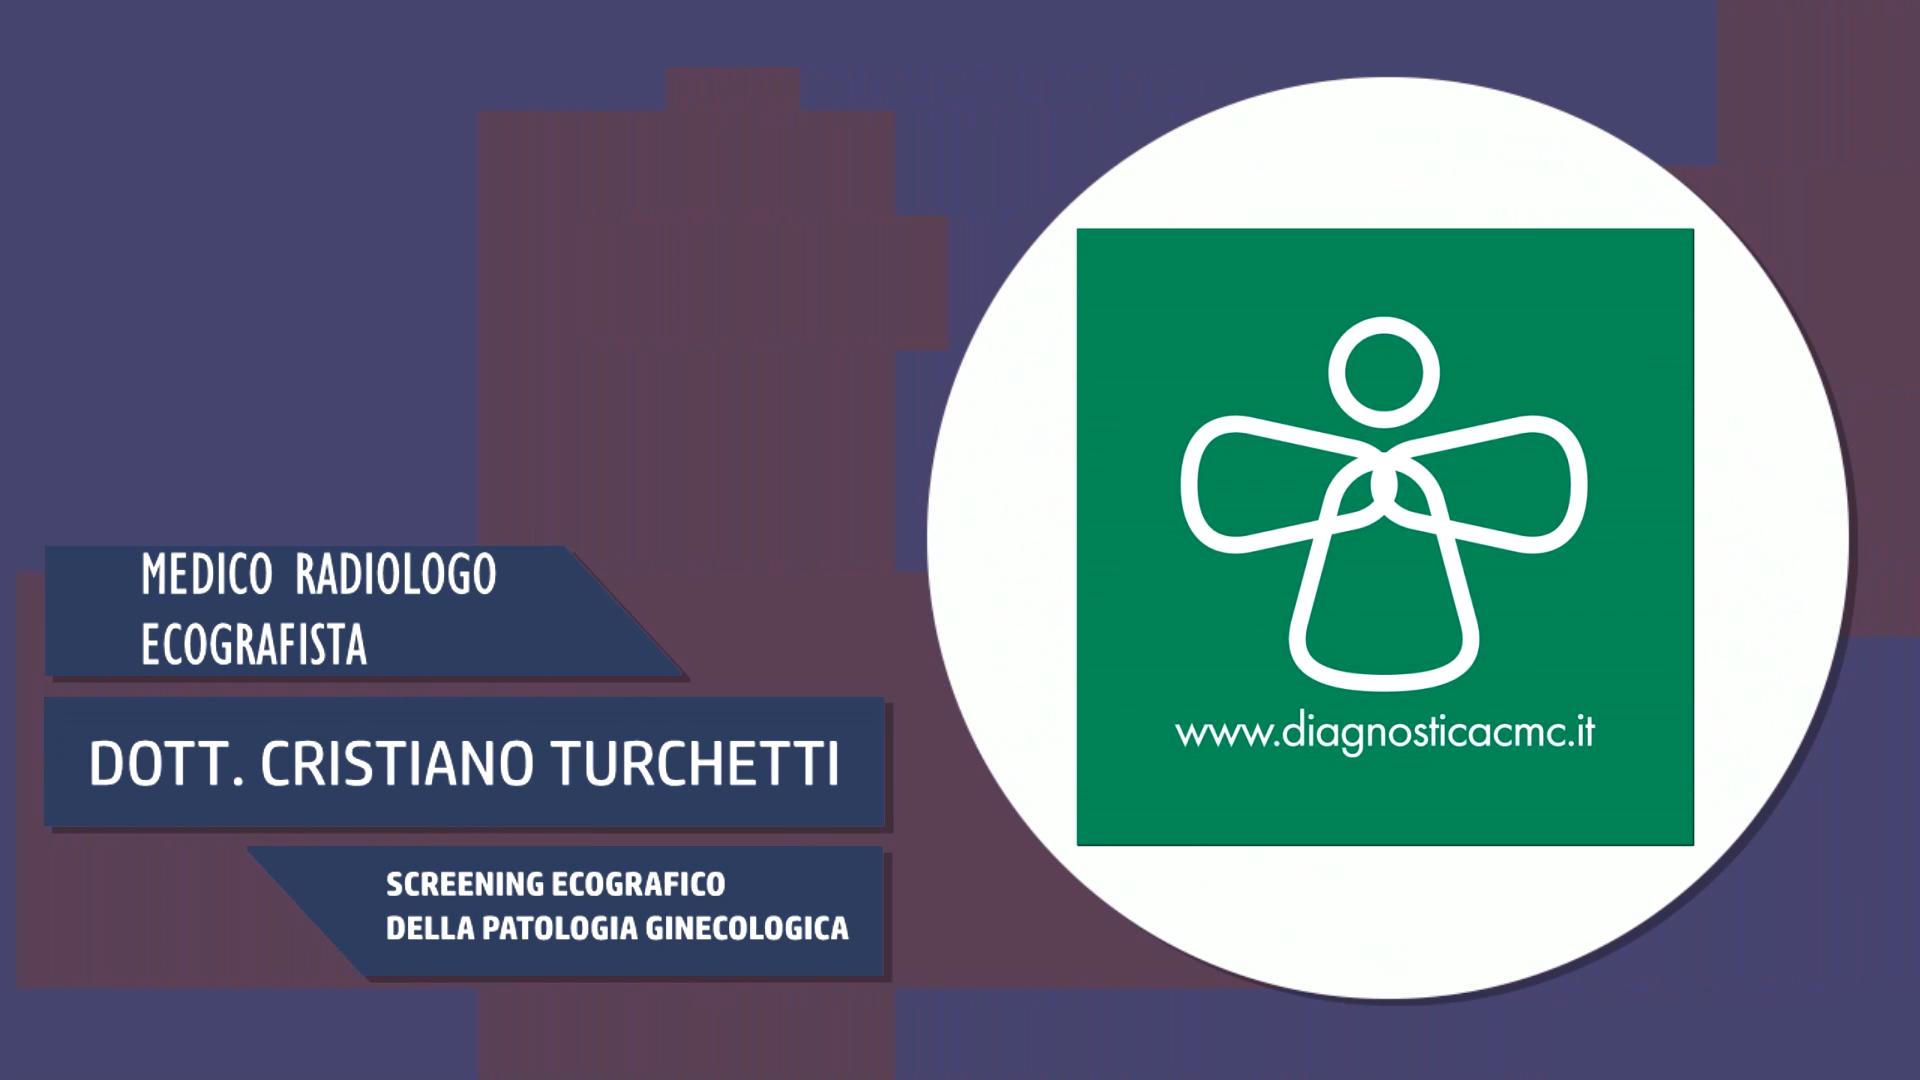 Intervista al Dott. Cristiano Turchetti – Screening ecografico della patologia ginecologica